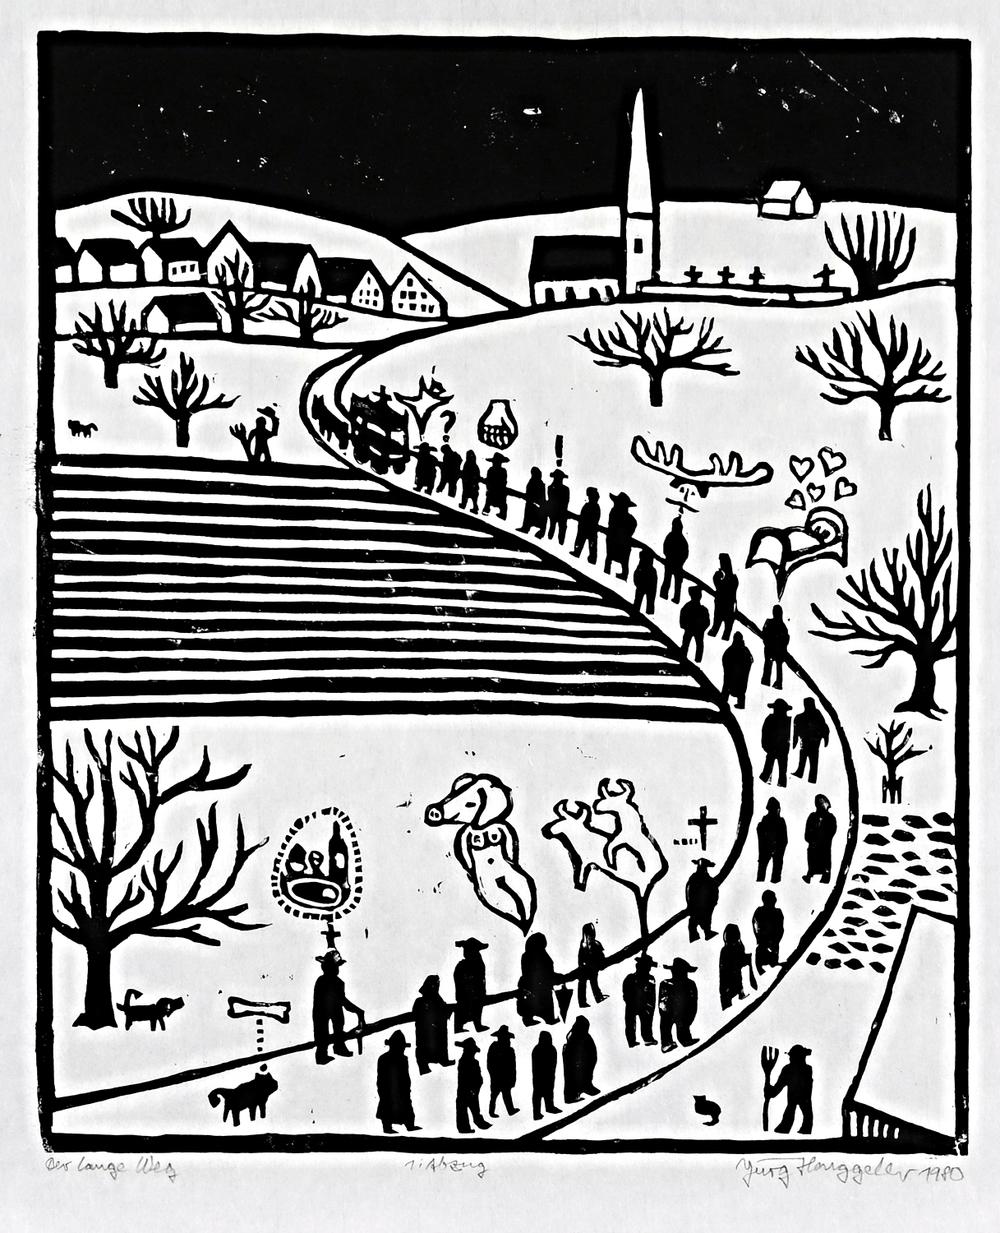 Der lange Weg, 1980